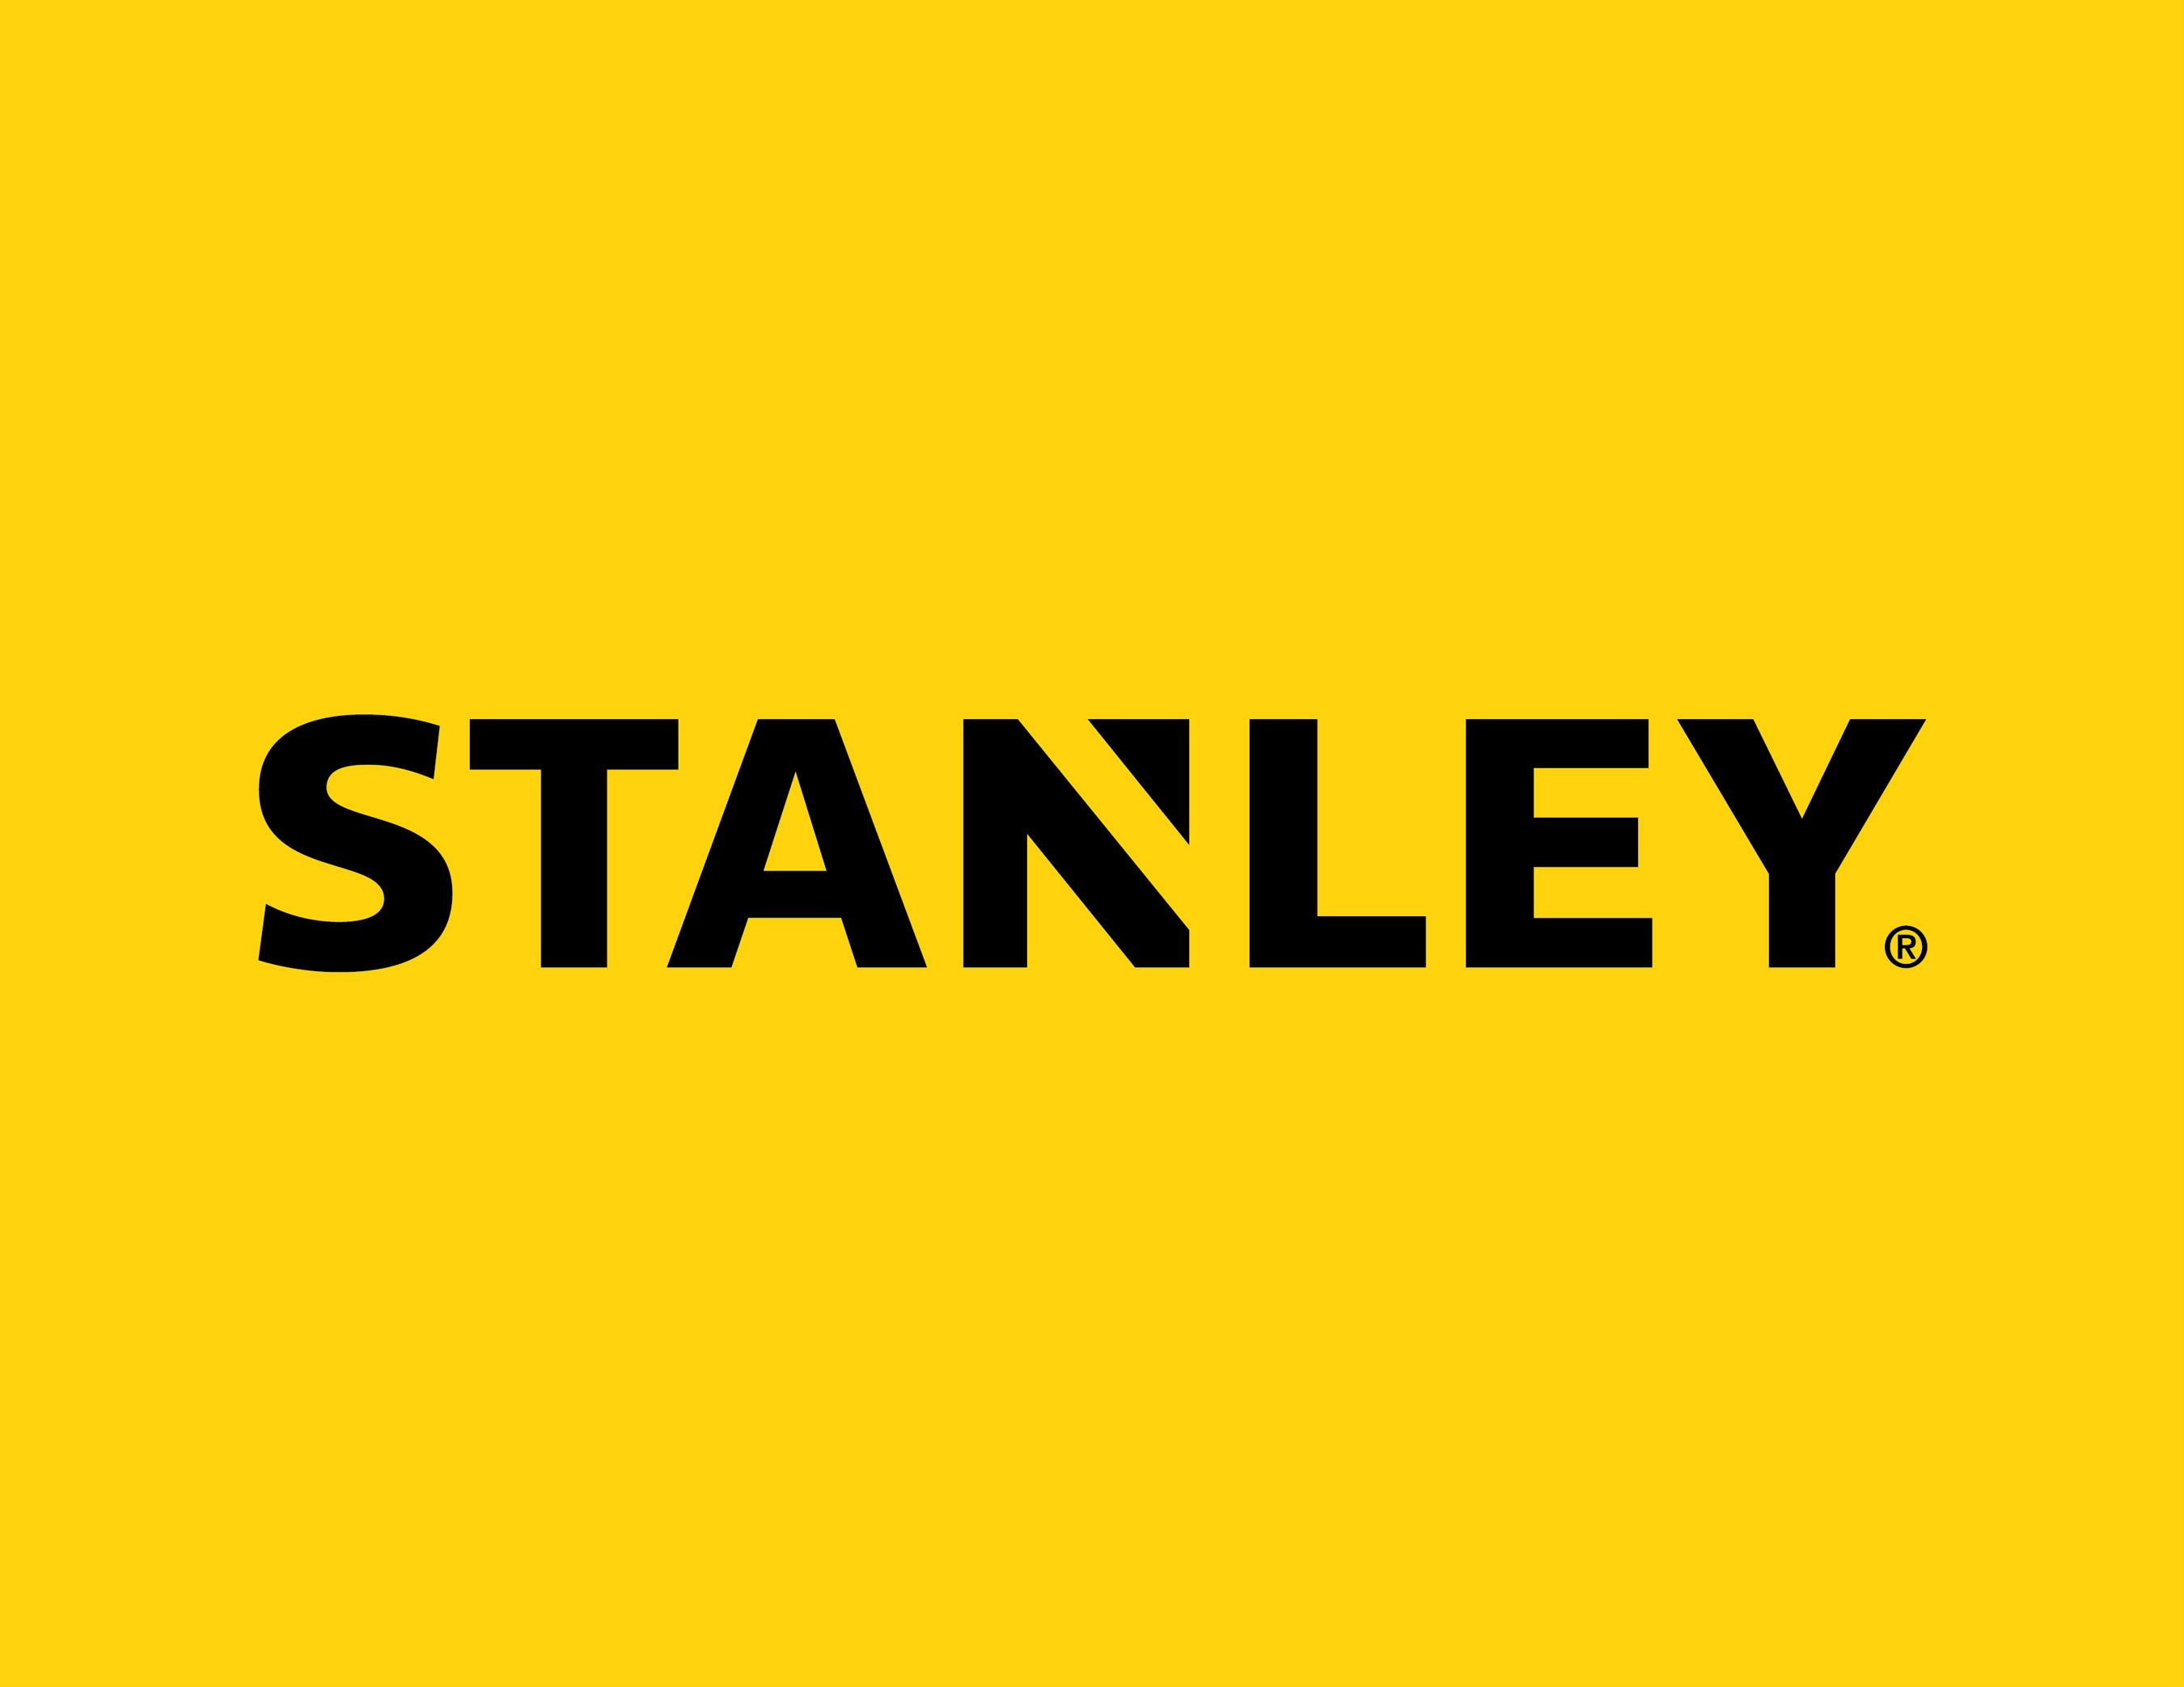 Stanley - Pålitelige og solide verktøy